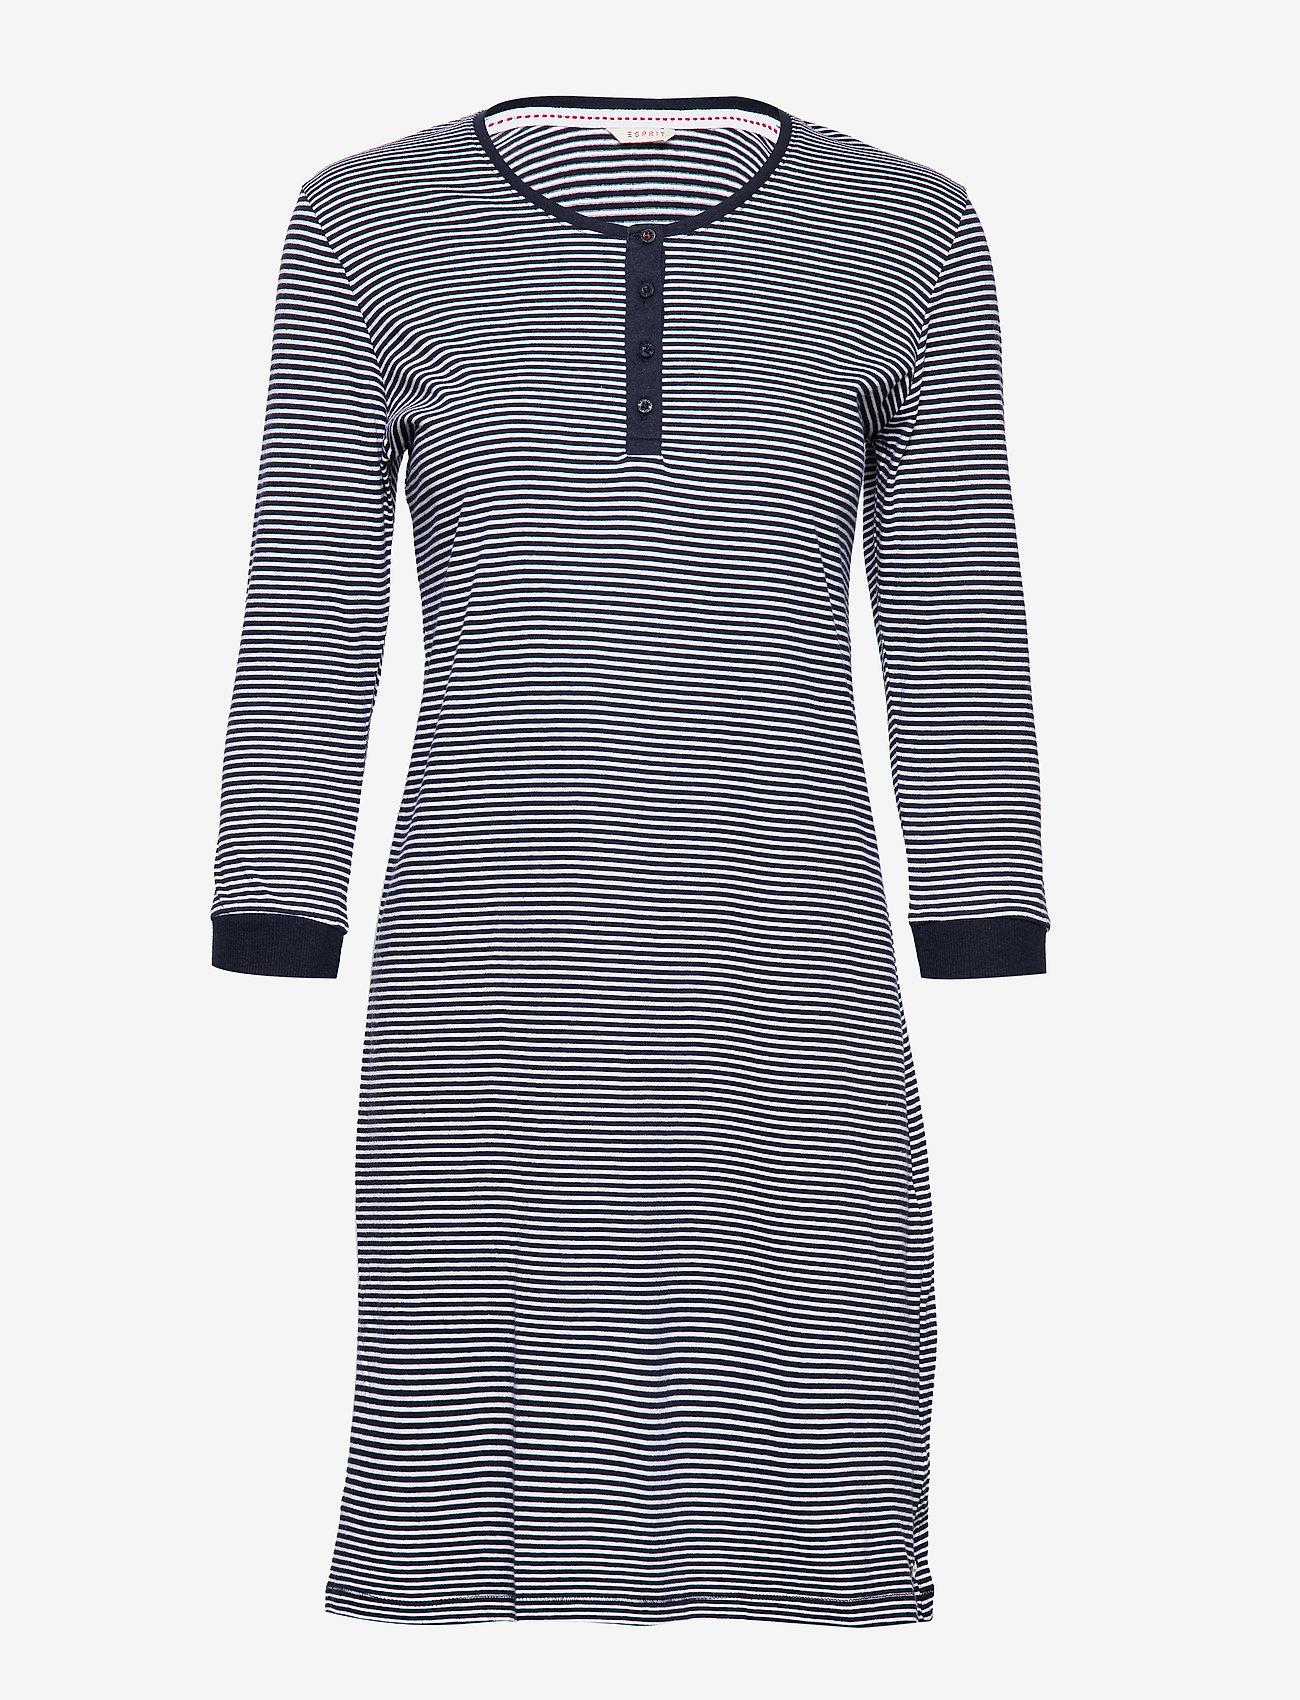 Esprit Bodywear Women - Nightshirts - nachtjurken - navy - 0